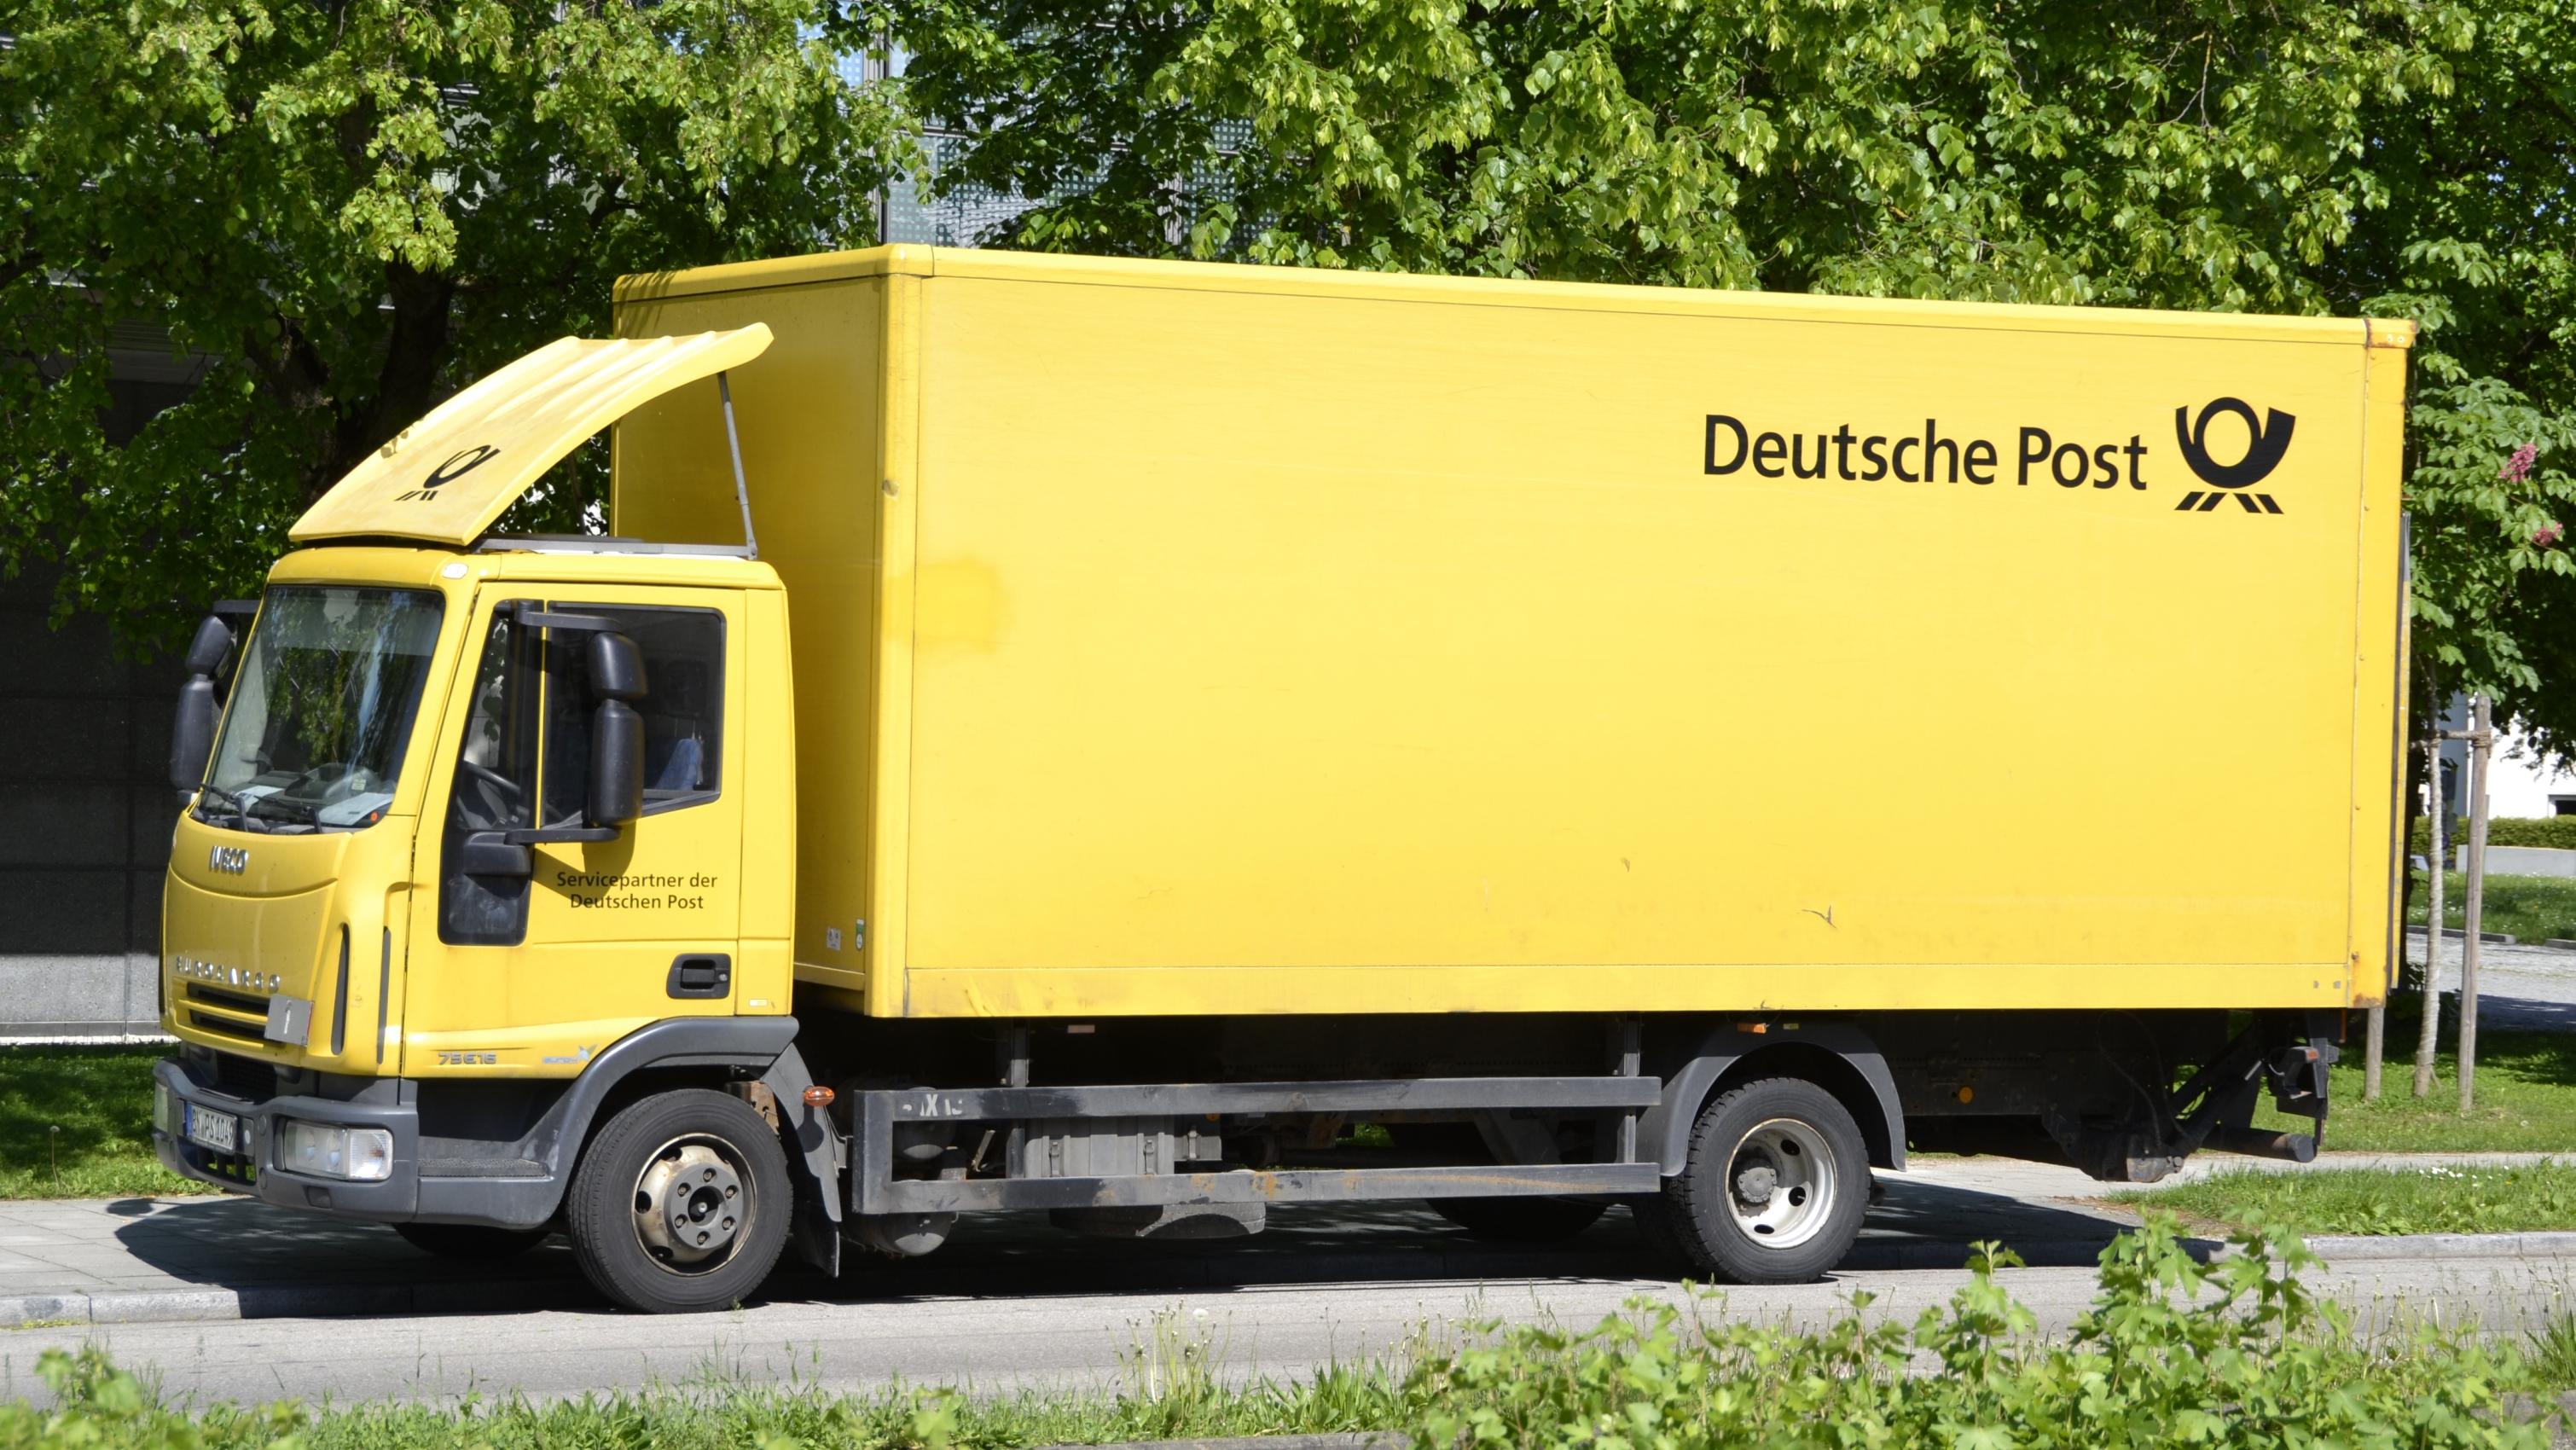 Resultado de imagen de Deutsche Post lkw